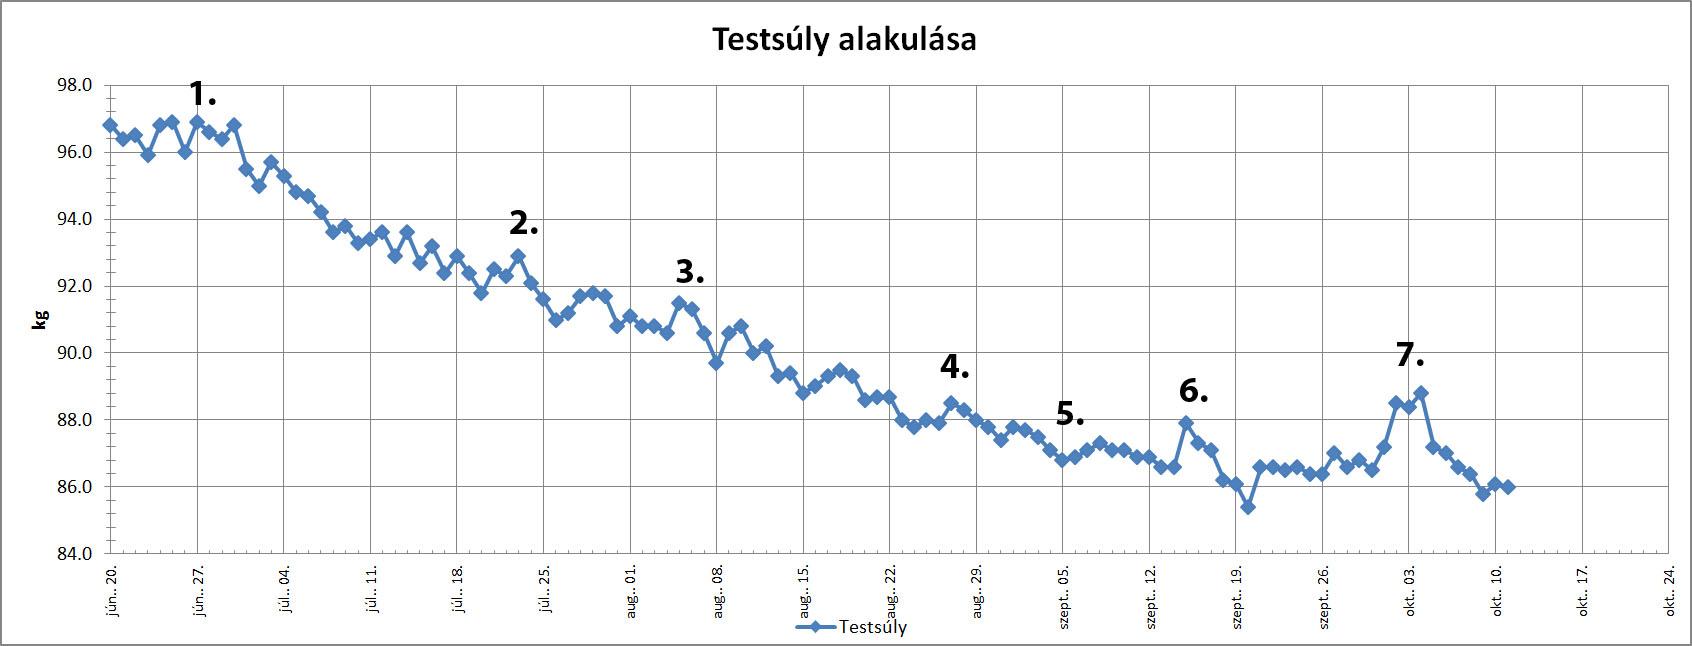 Üres fogyás grafikon - Fogyni még mindig cellulit